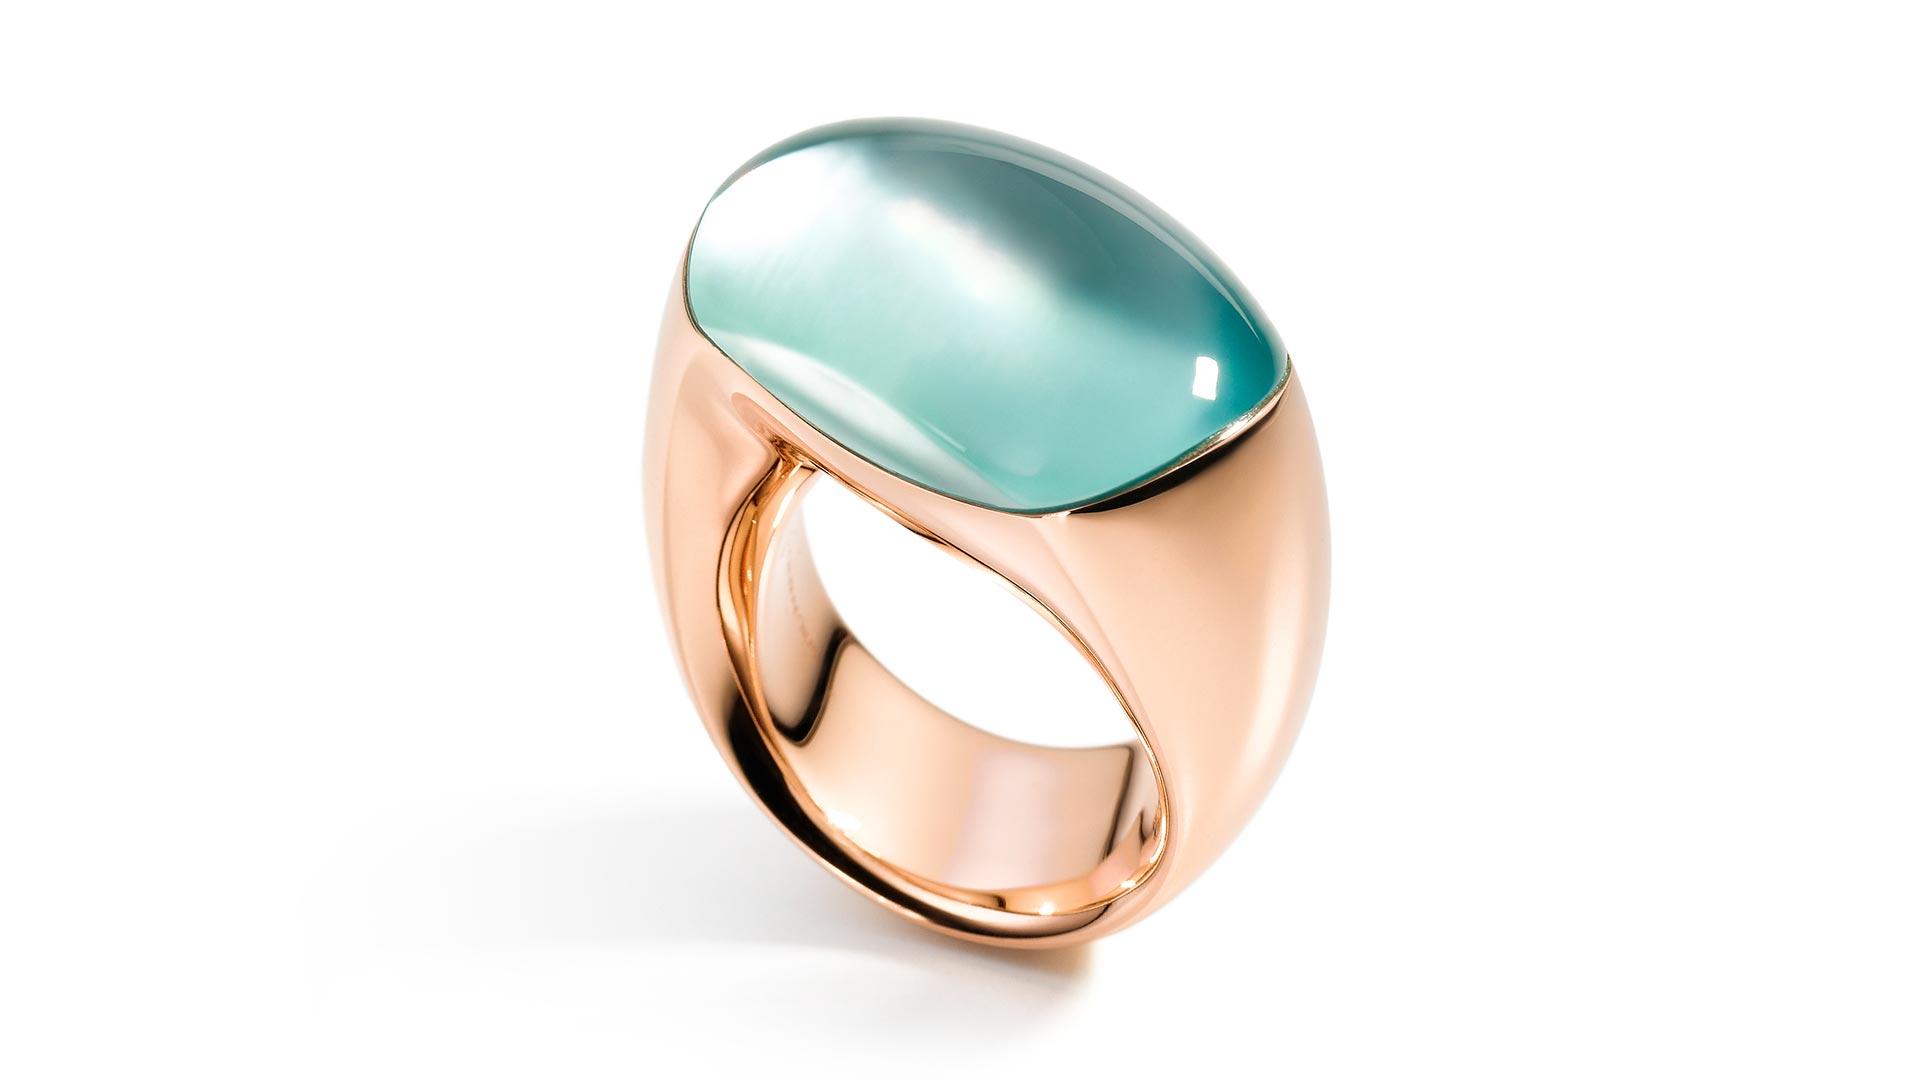 Bisquit ring